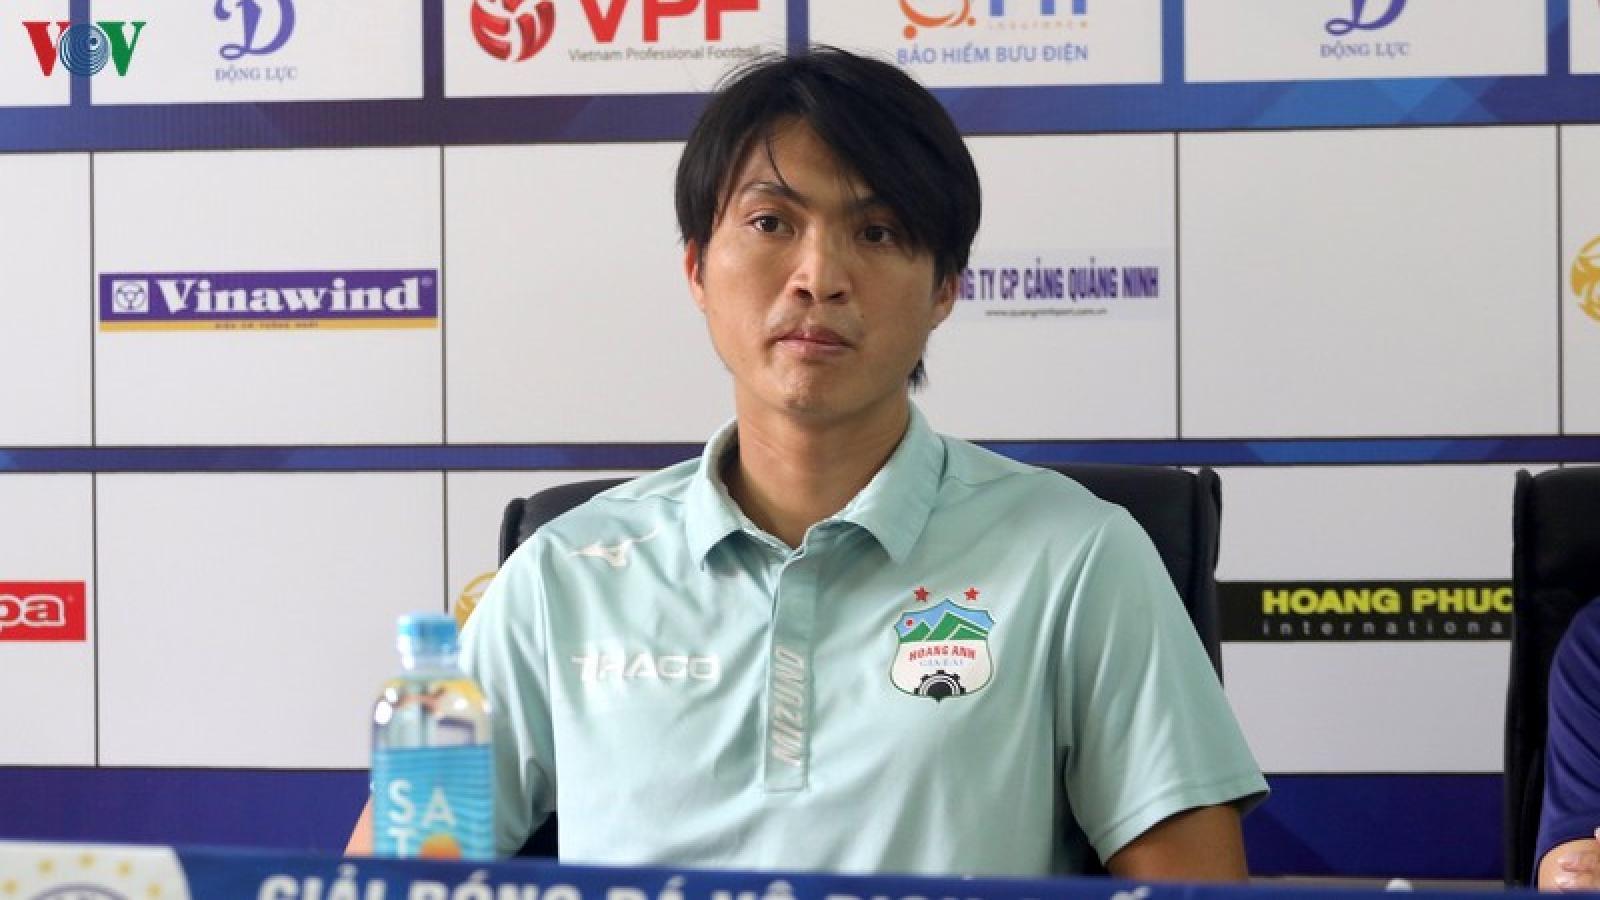 Tuấn Anh: Được đối đầu với Hà Nội là niềm vui với tôi